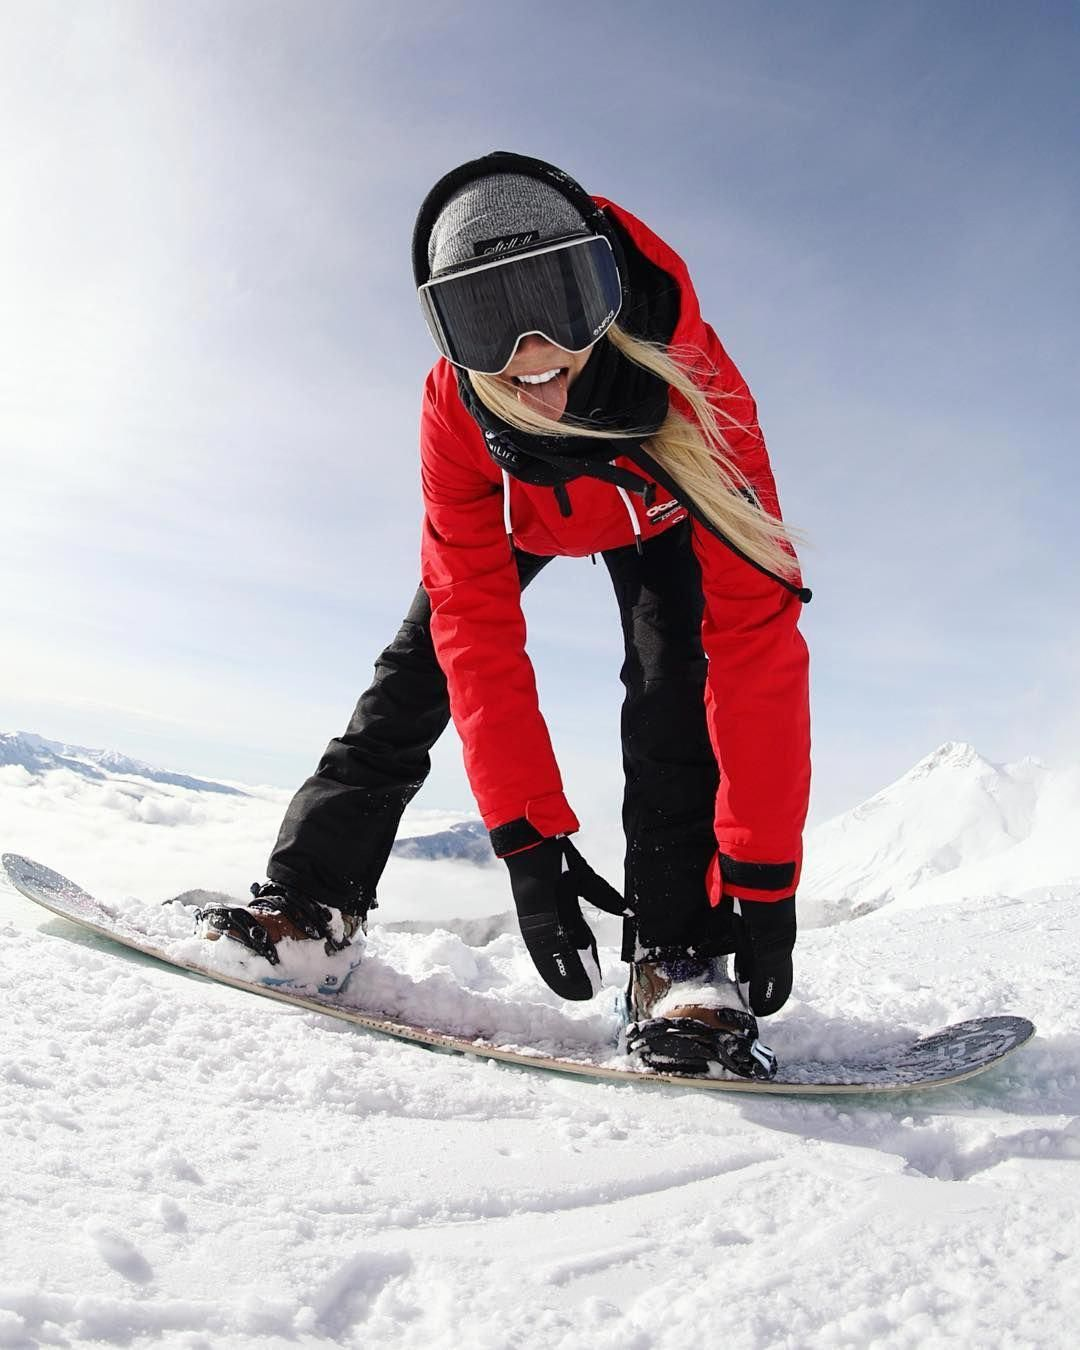 9be57f3fa2b snowboarding gear womens #snowboard | Skidor | Skidåkning, Snö och ...